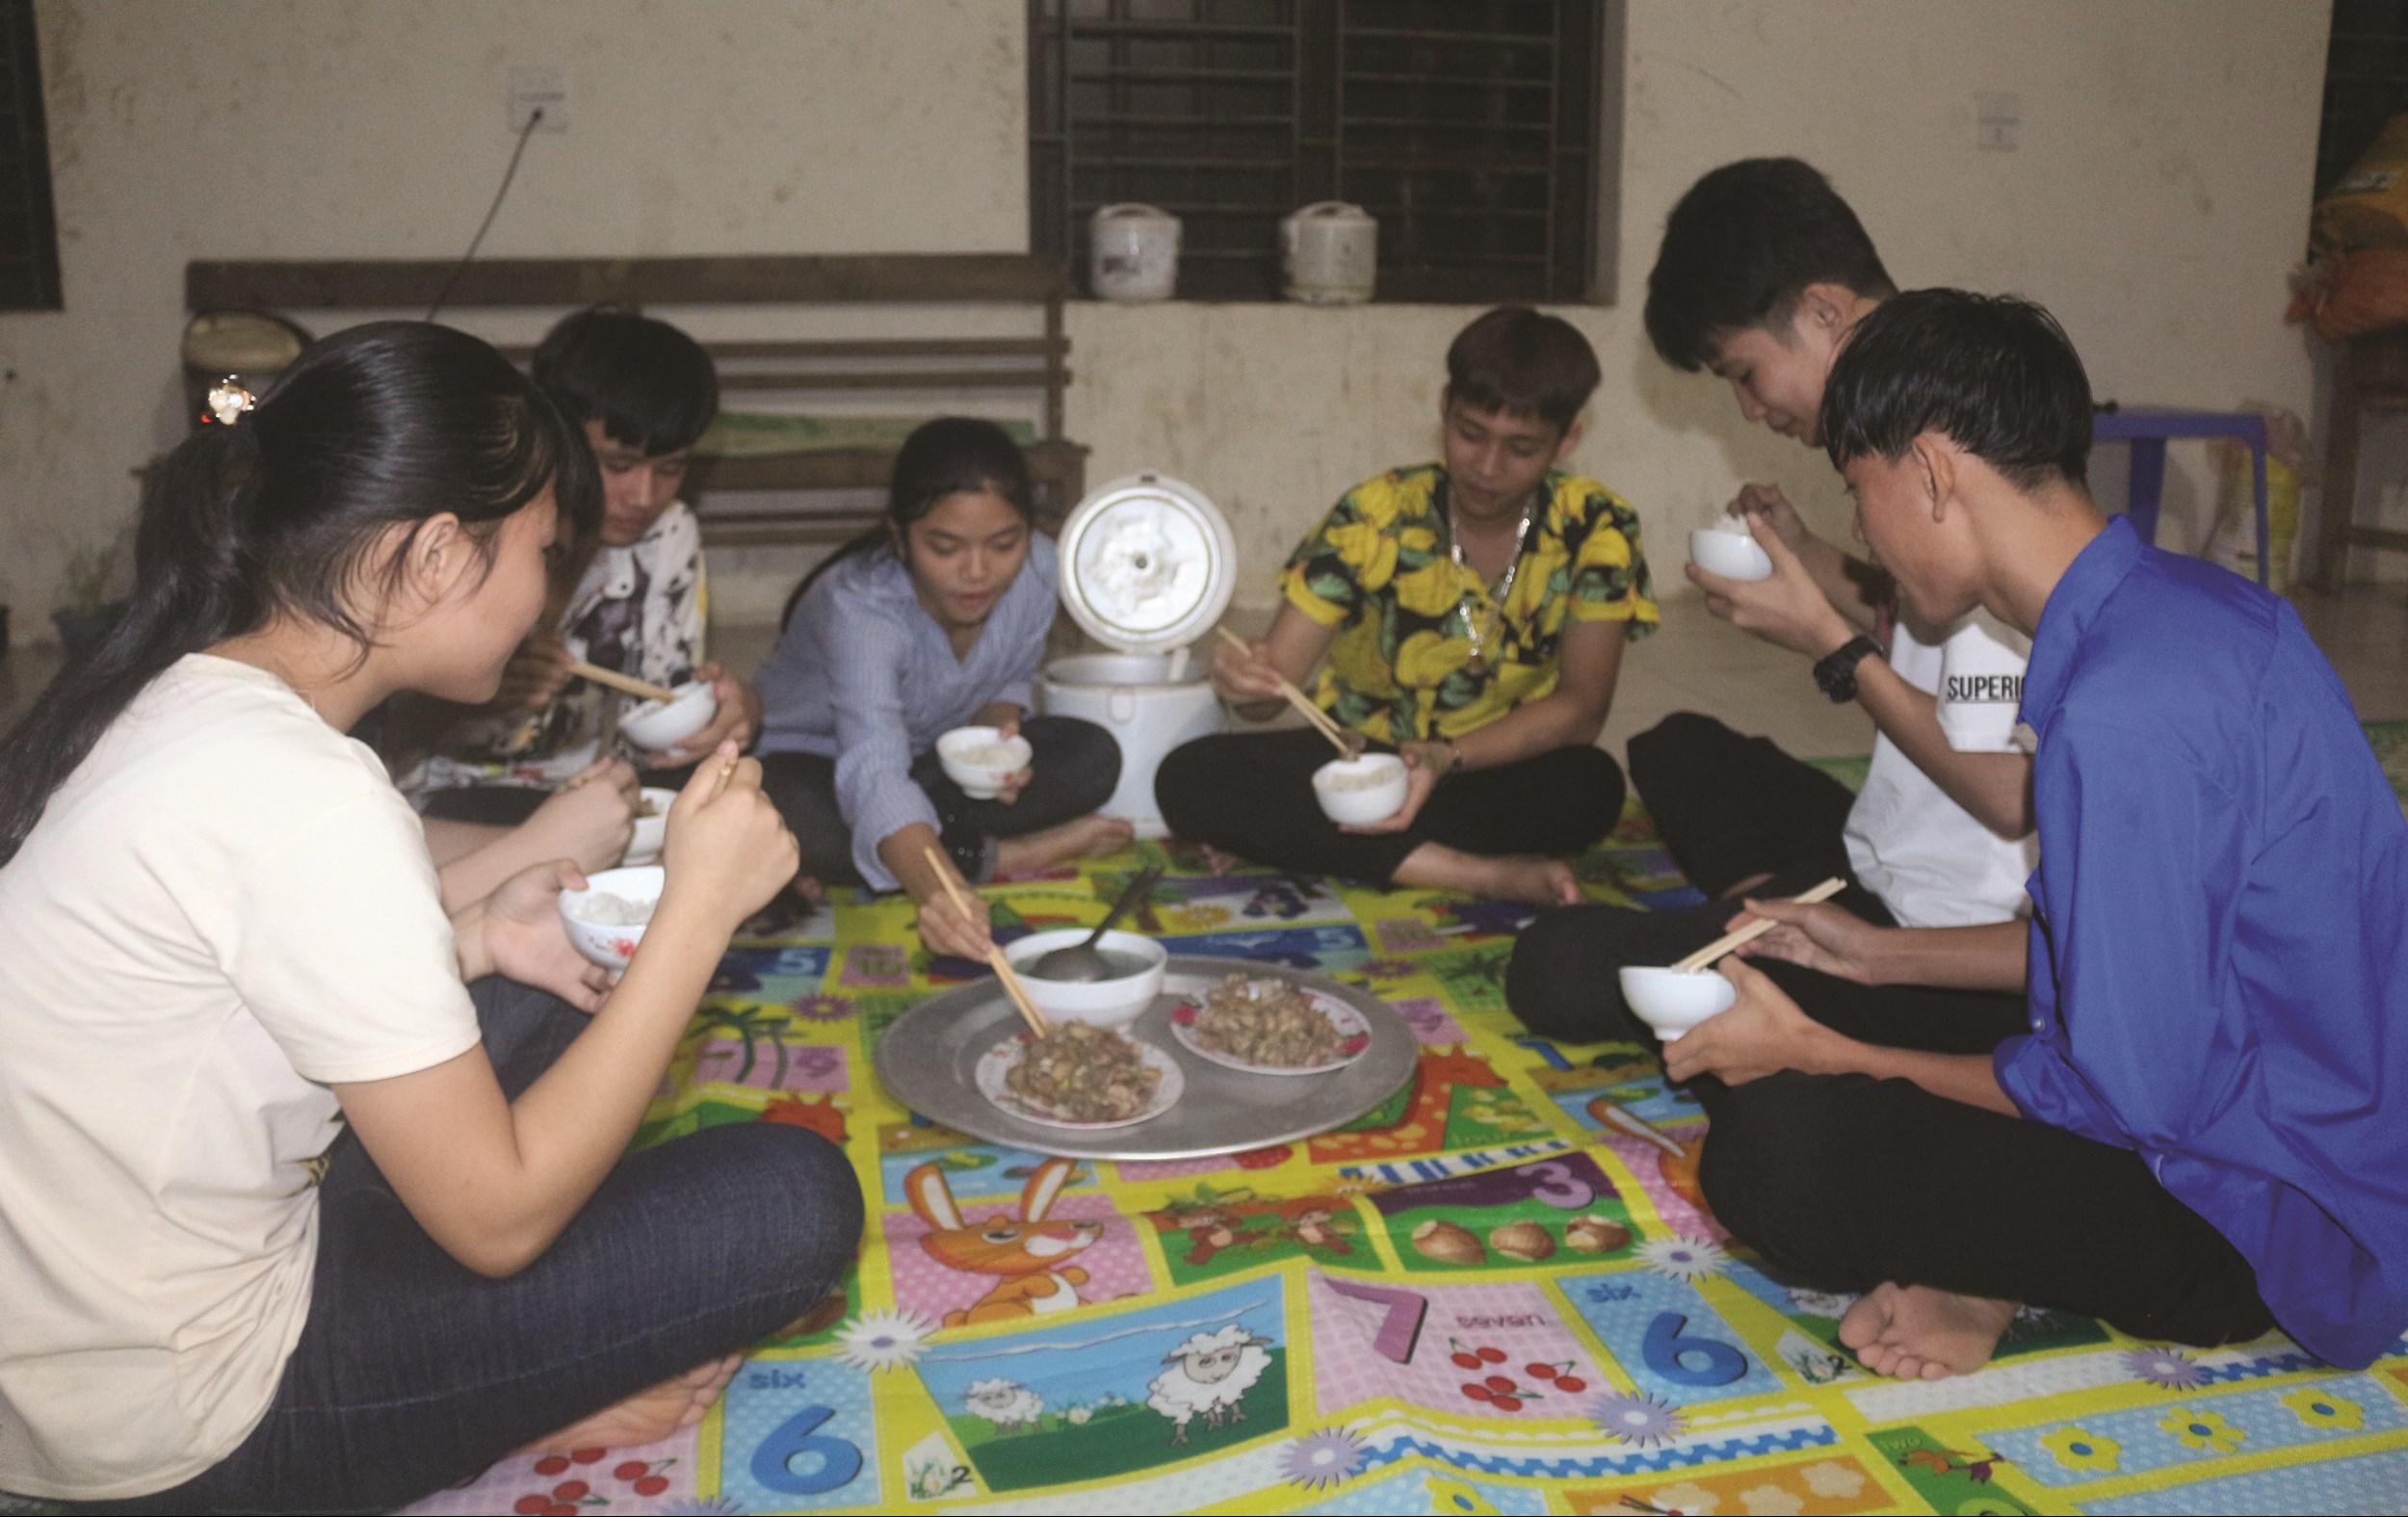 Nhờ giúp đỡ của thầy cô ở Trung tâm, nhiều học sinh có hoàn cảnh đặc biệt được tiếp tục đến trường học văn hóa, học nghề